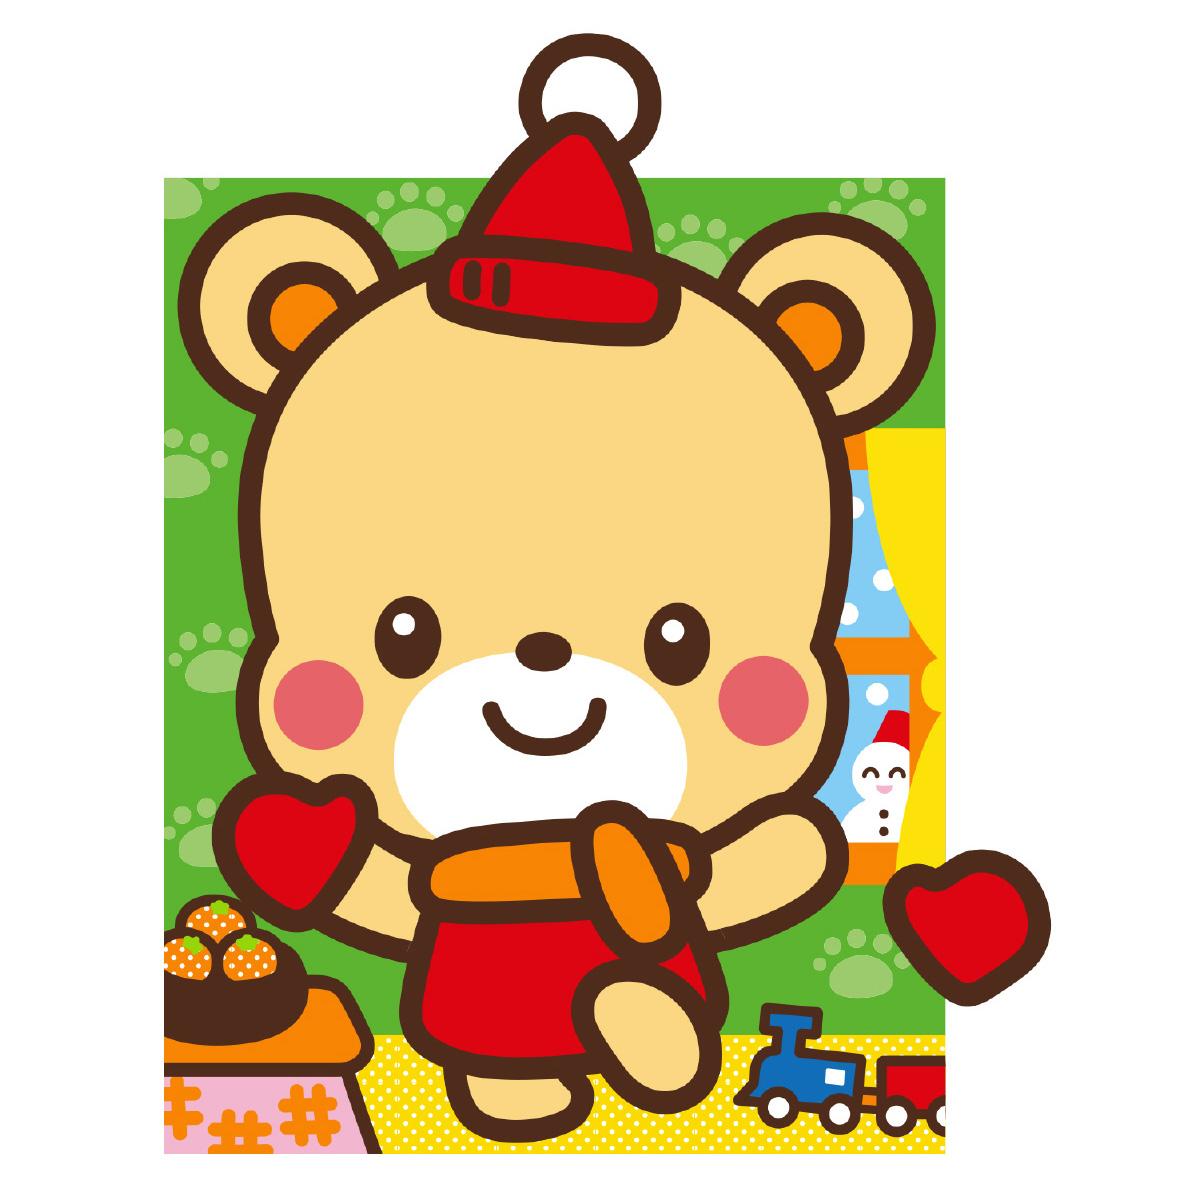 どうぶつ ふくわらい くま 福笑い クマ 熊 動物 かわいい イラスト 幼児 キッズ 子供 知育玩具 正月 ゲーム おもちゃ クリスマスプレゼント